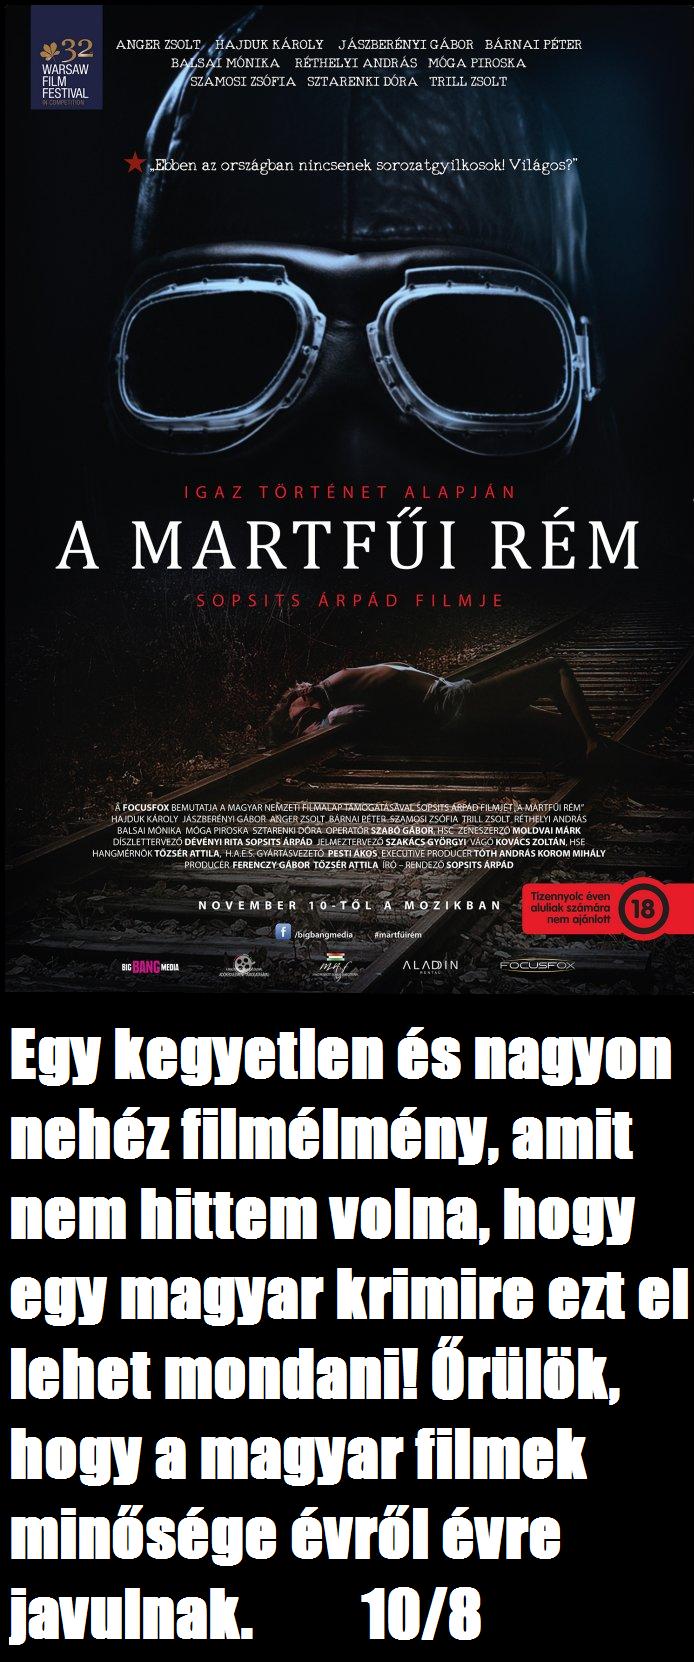 marfui_rem.png